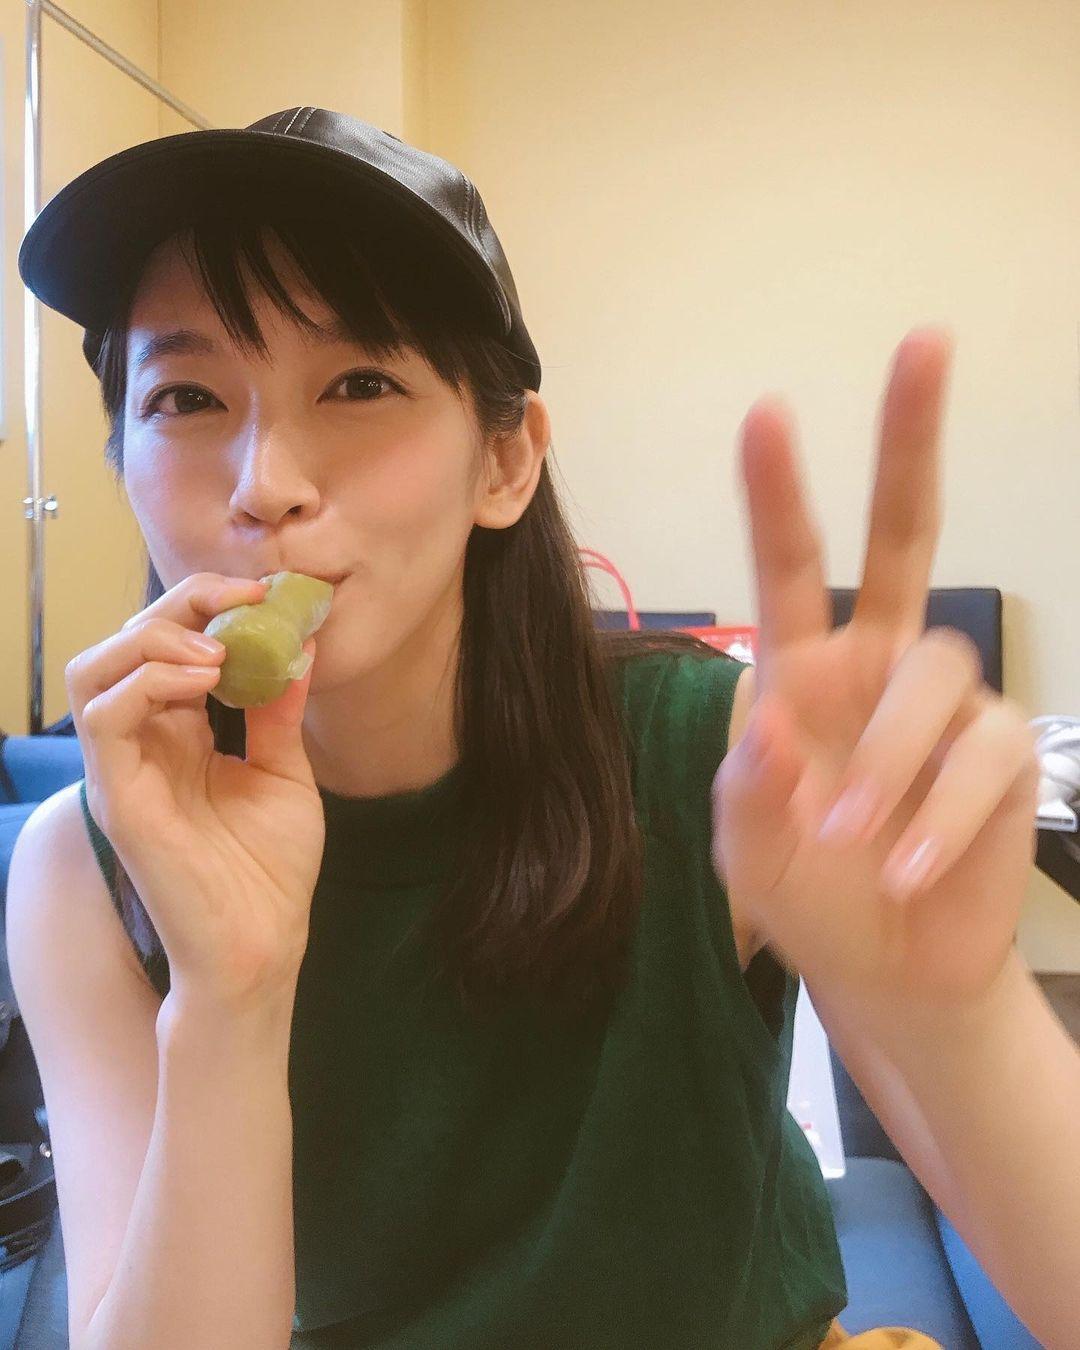 yoshioka_riho126.jpg